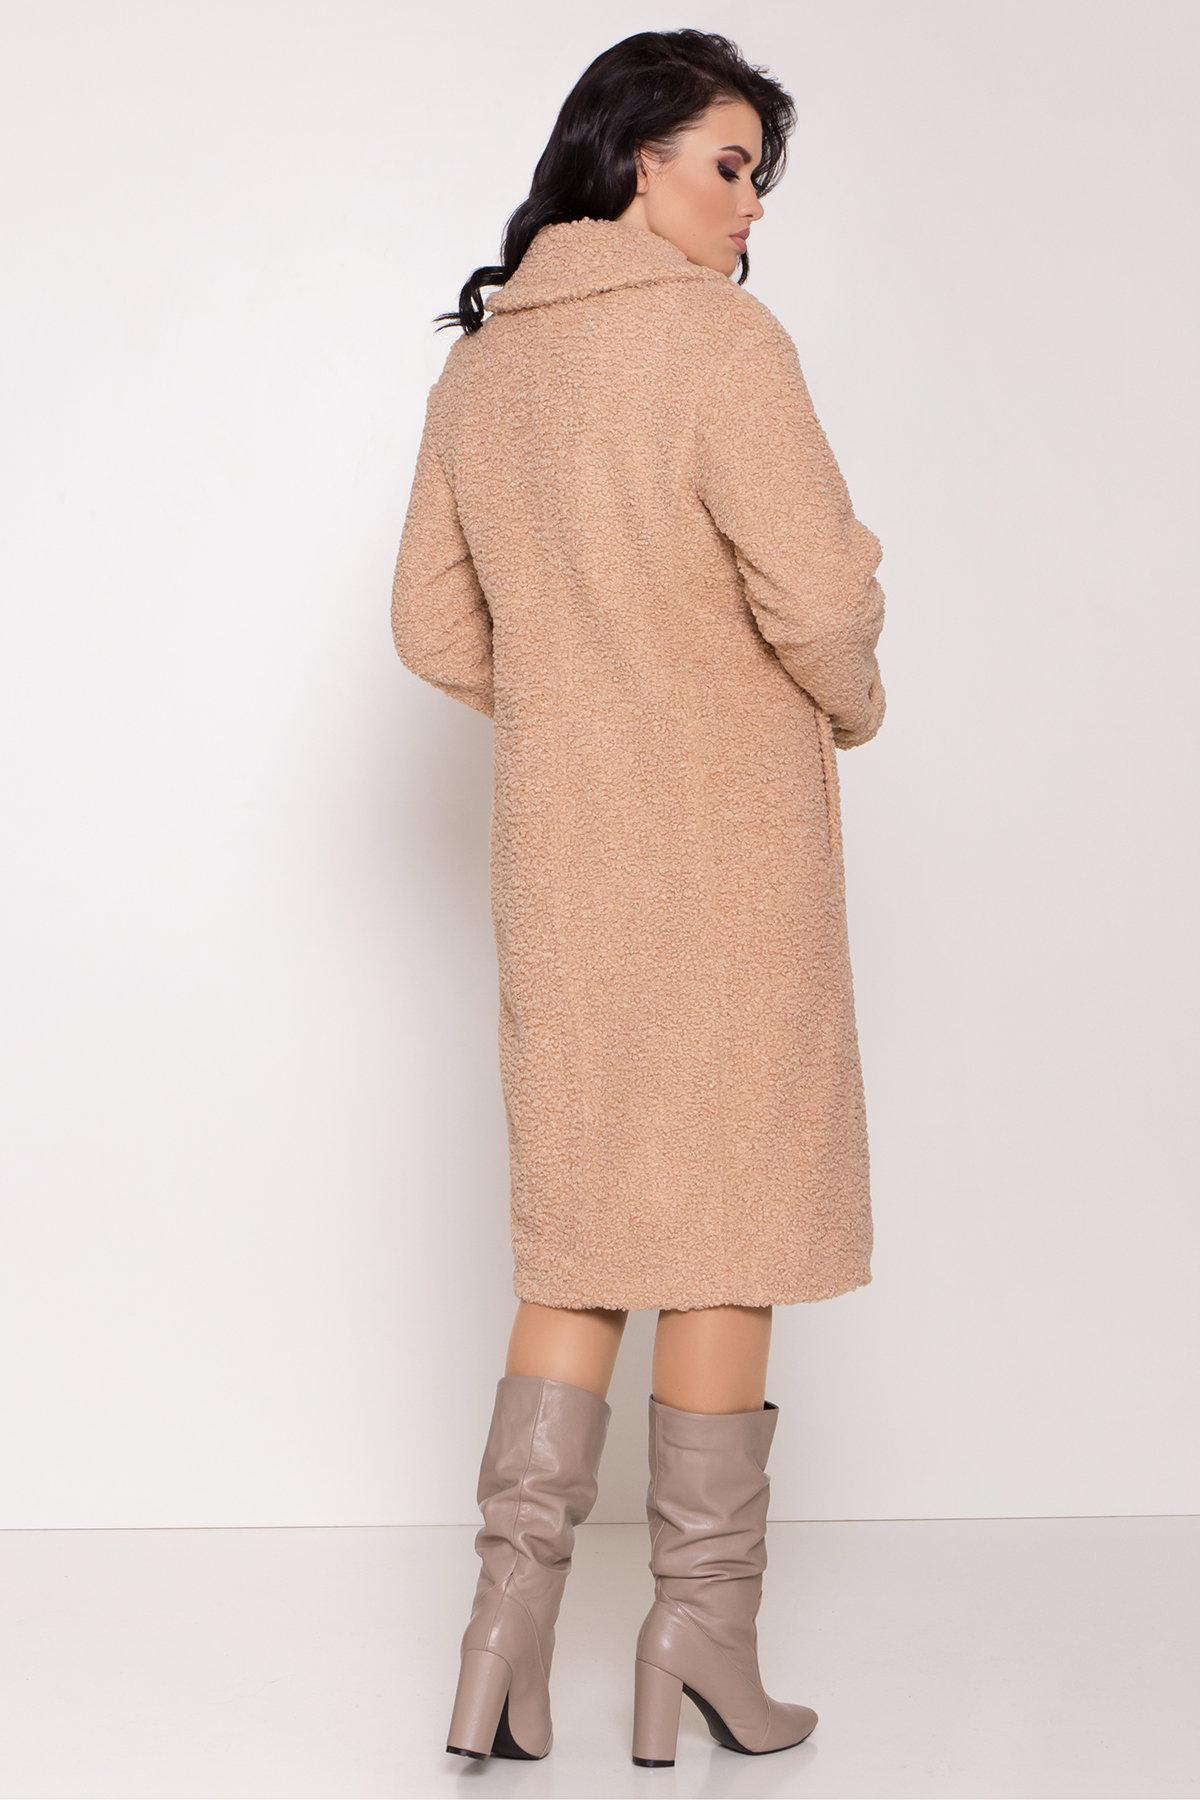 Пальто из эко меха Приора 8564 АРТ. 44886 Цвет: Бежевый - фото 5, интернет магазин tm-modus.ru